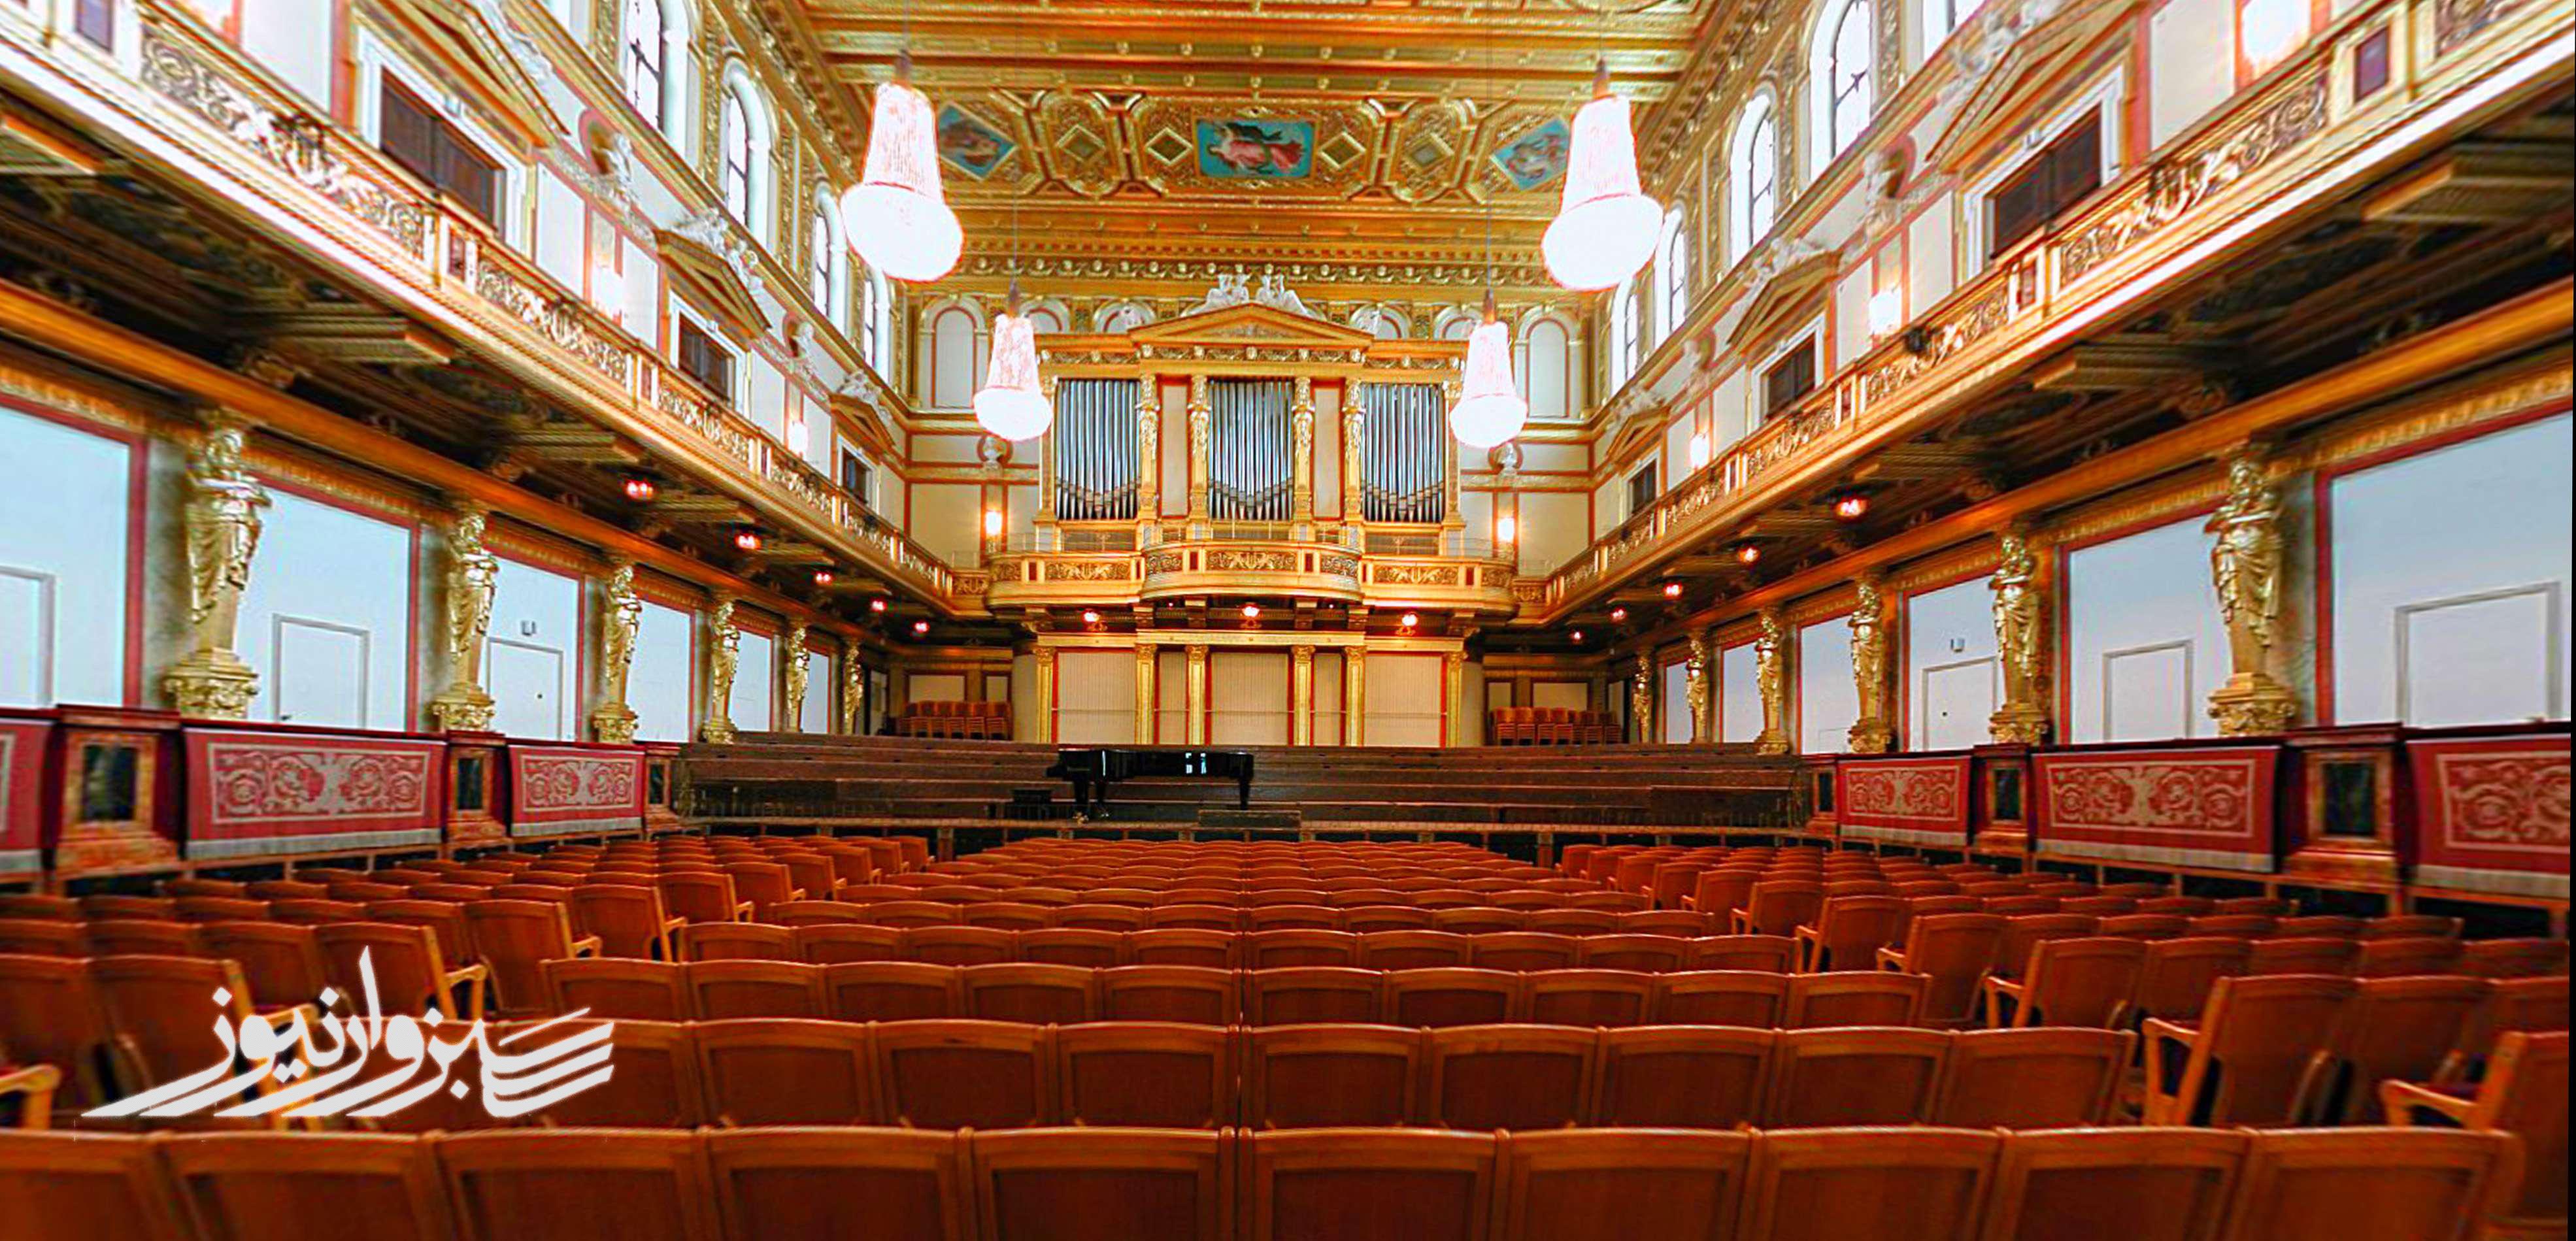 کنسرت سال نو ارکستر فیلارمونیک وین با پیام امید، صلح و برادری اجرا شد